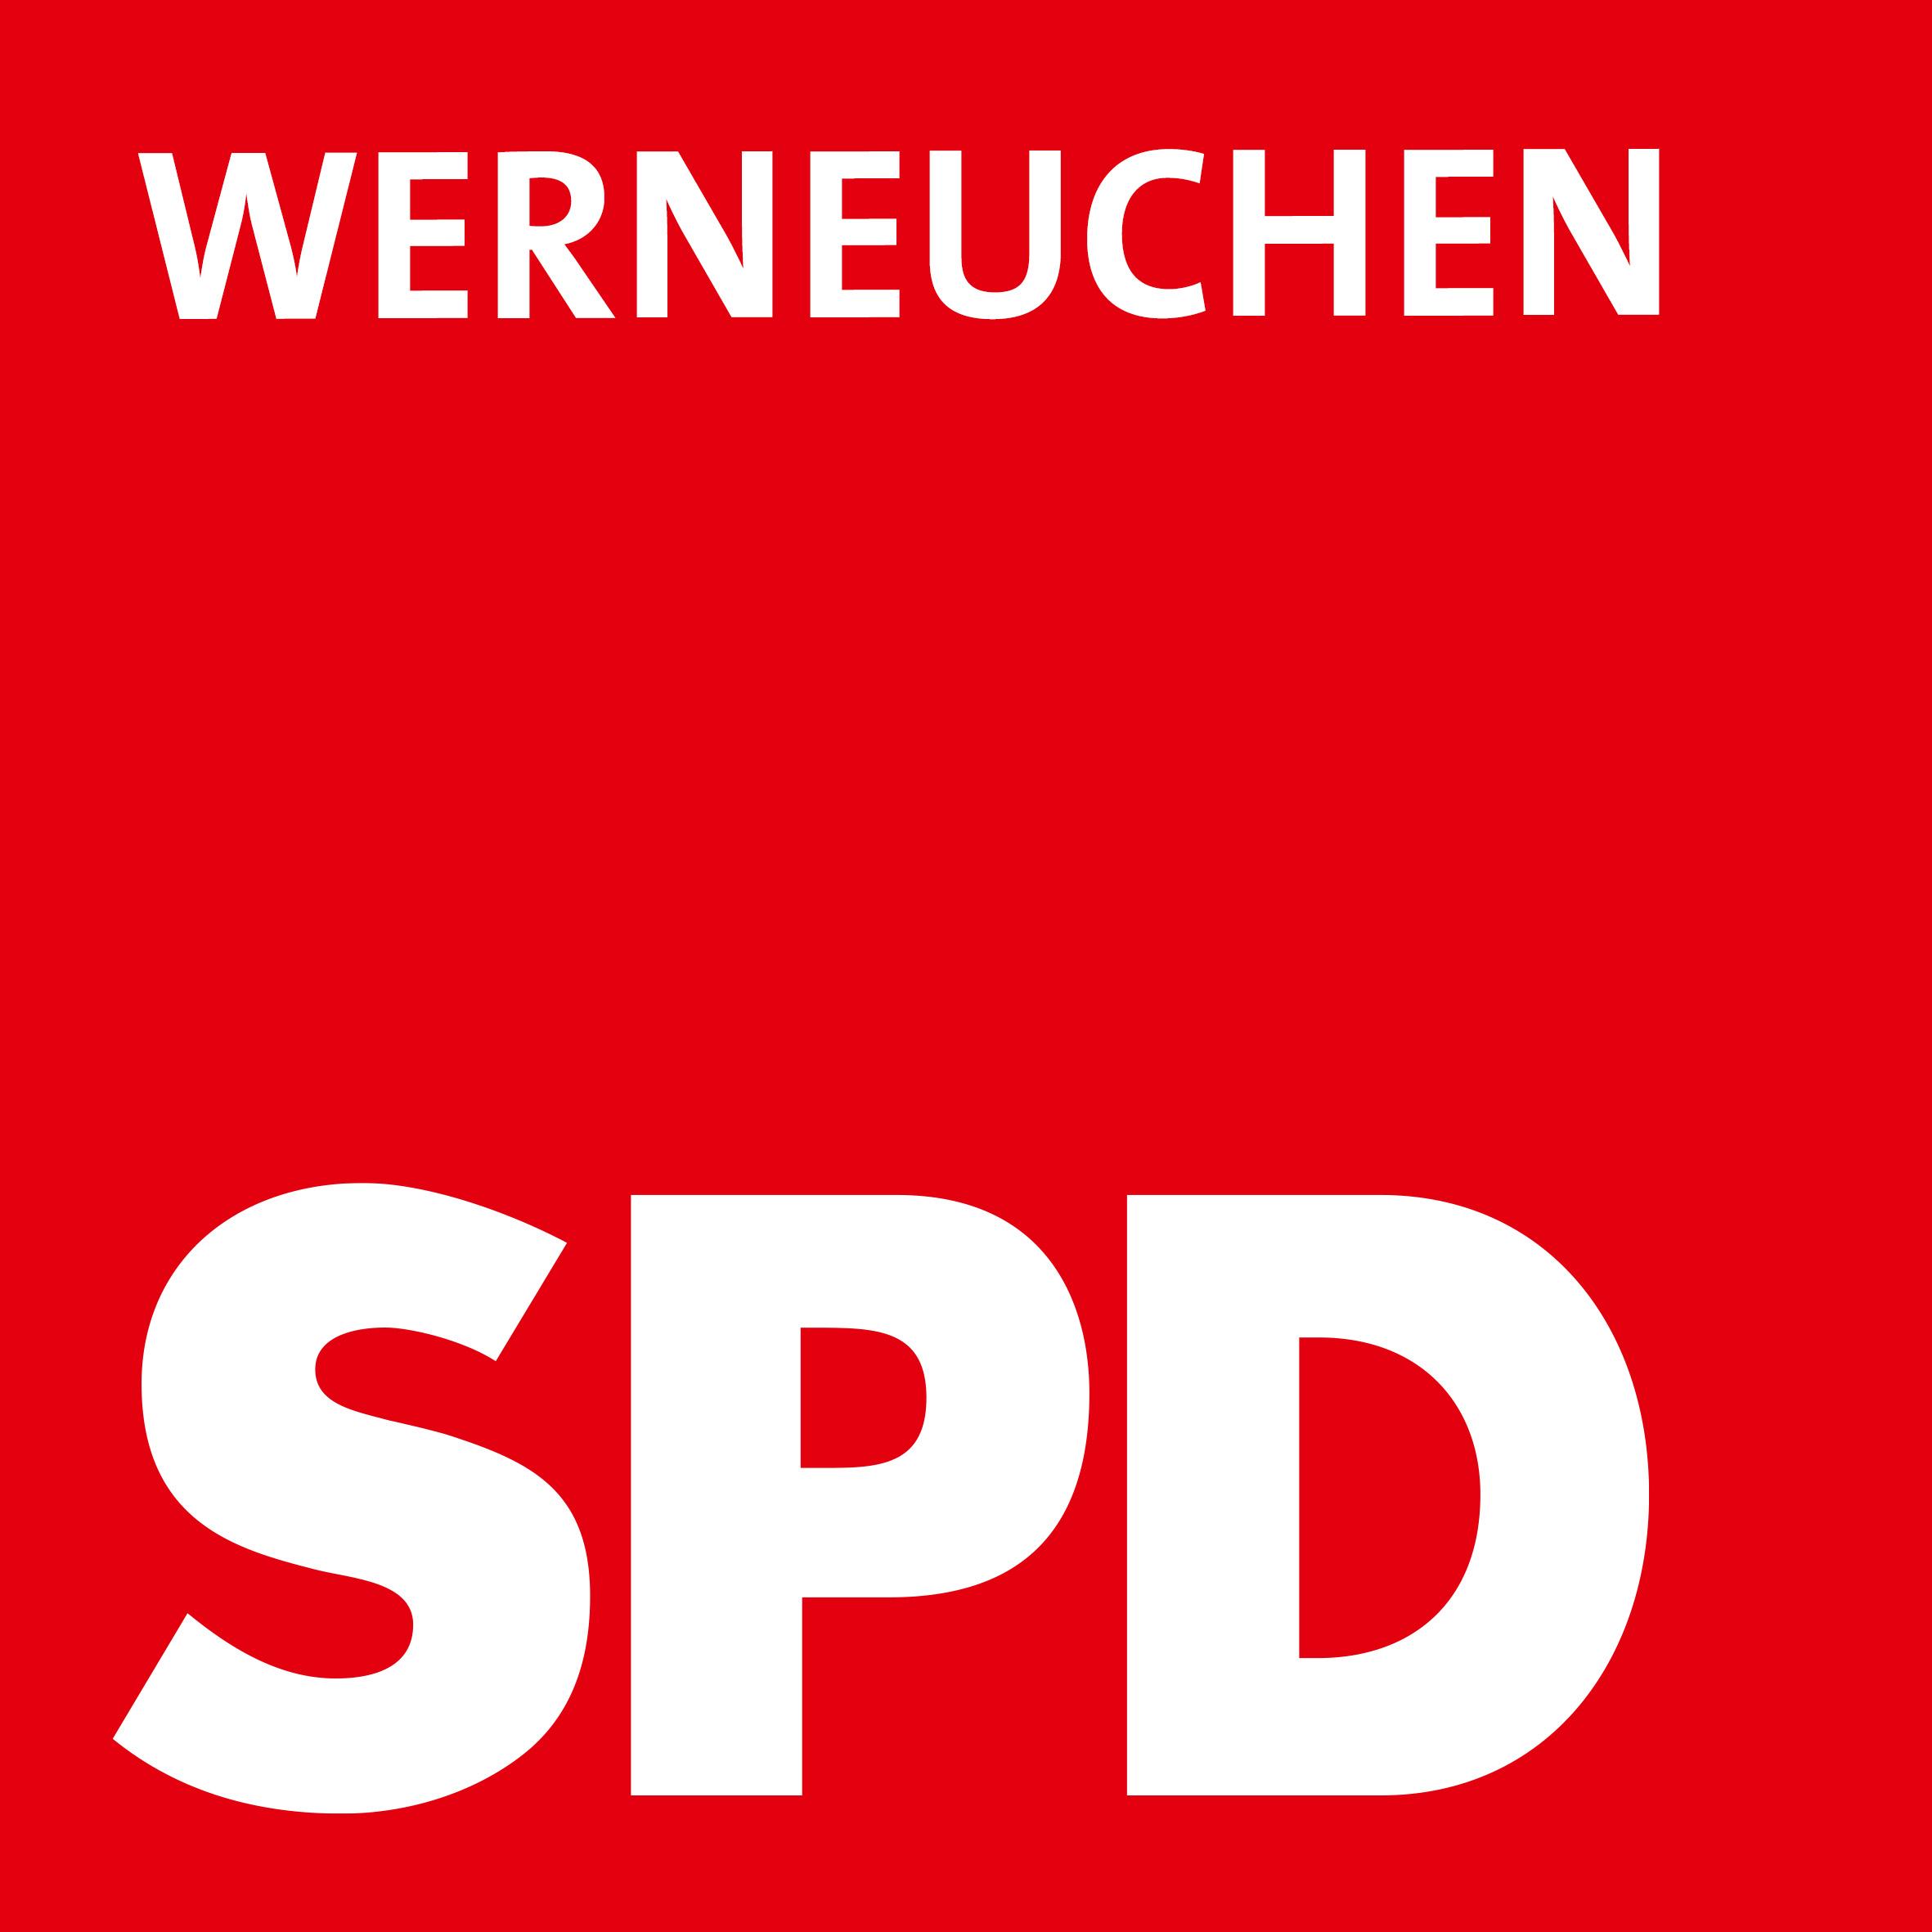 SPD Werneuchen